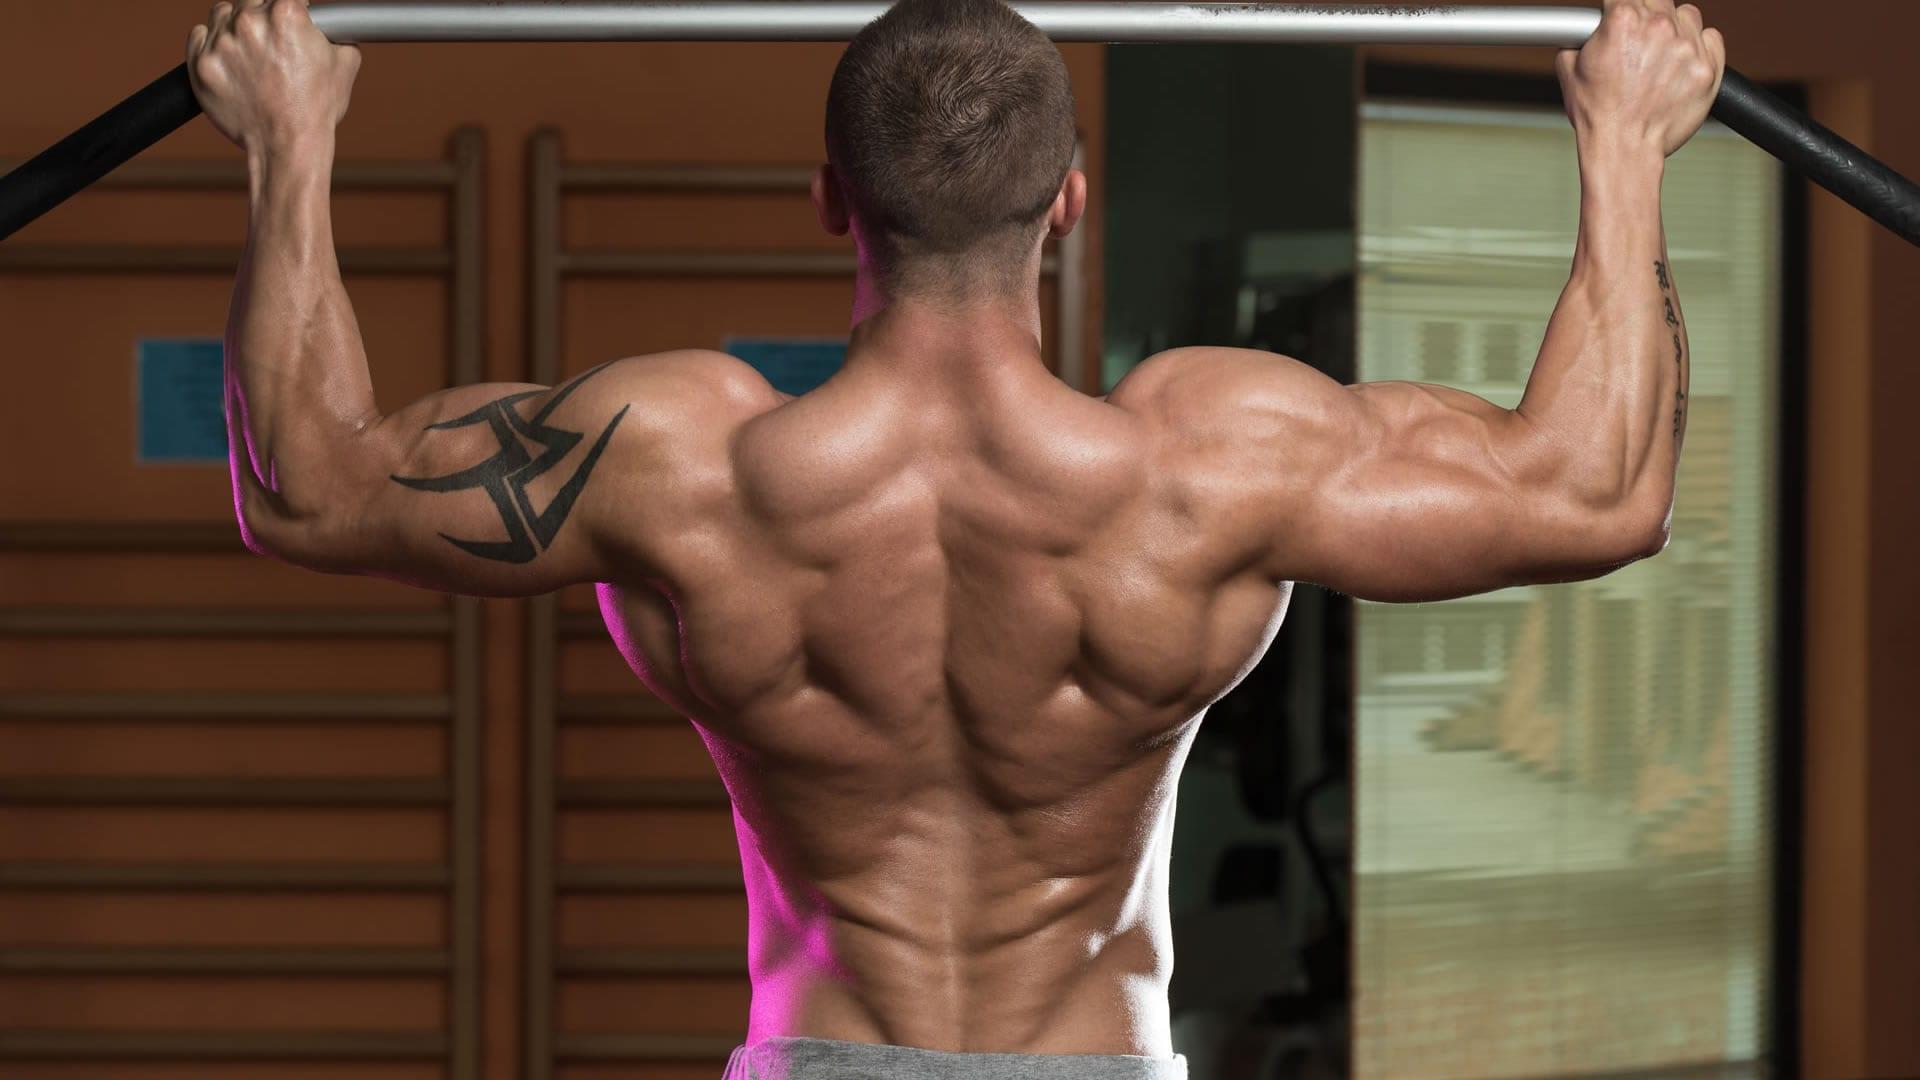 Rutinas de espalda según tu nivel | Cambiatufisico